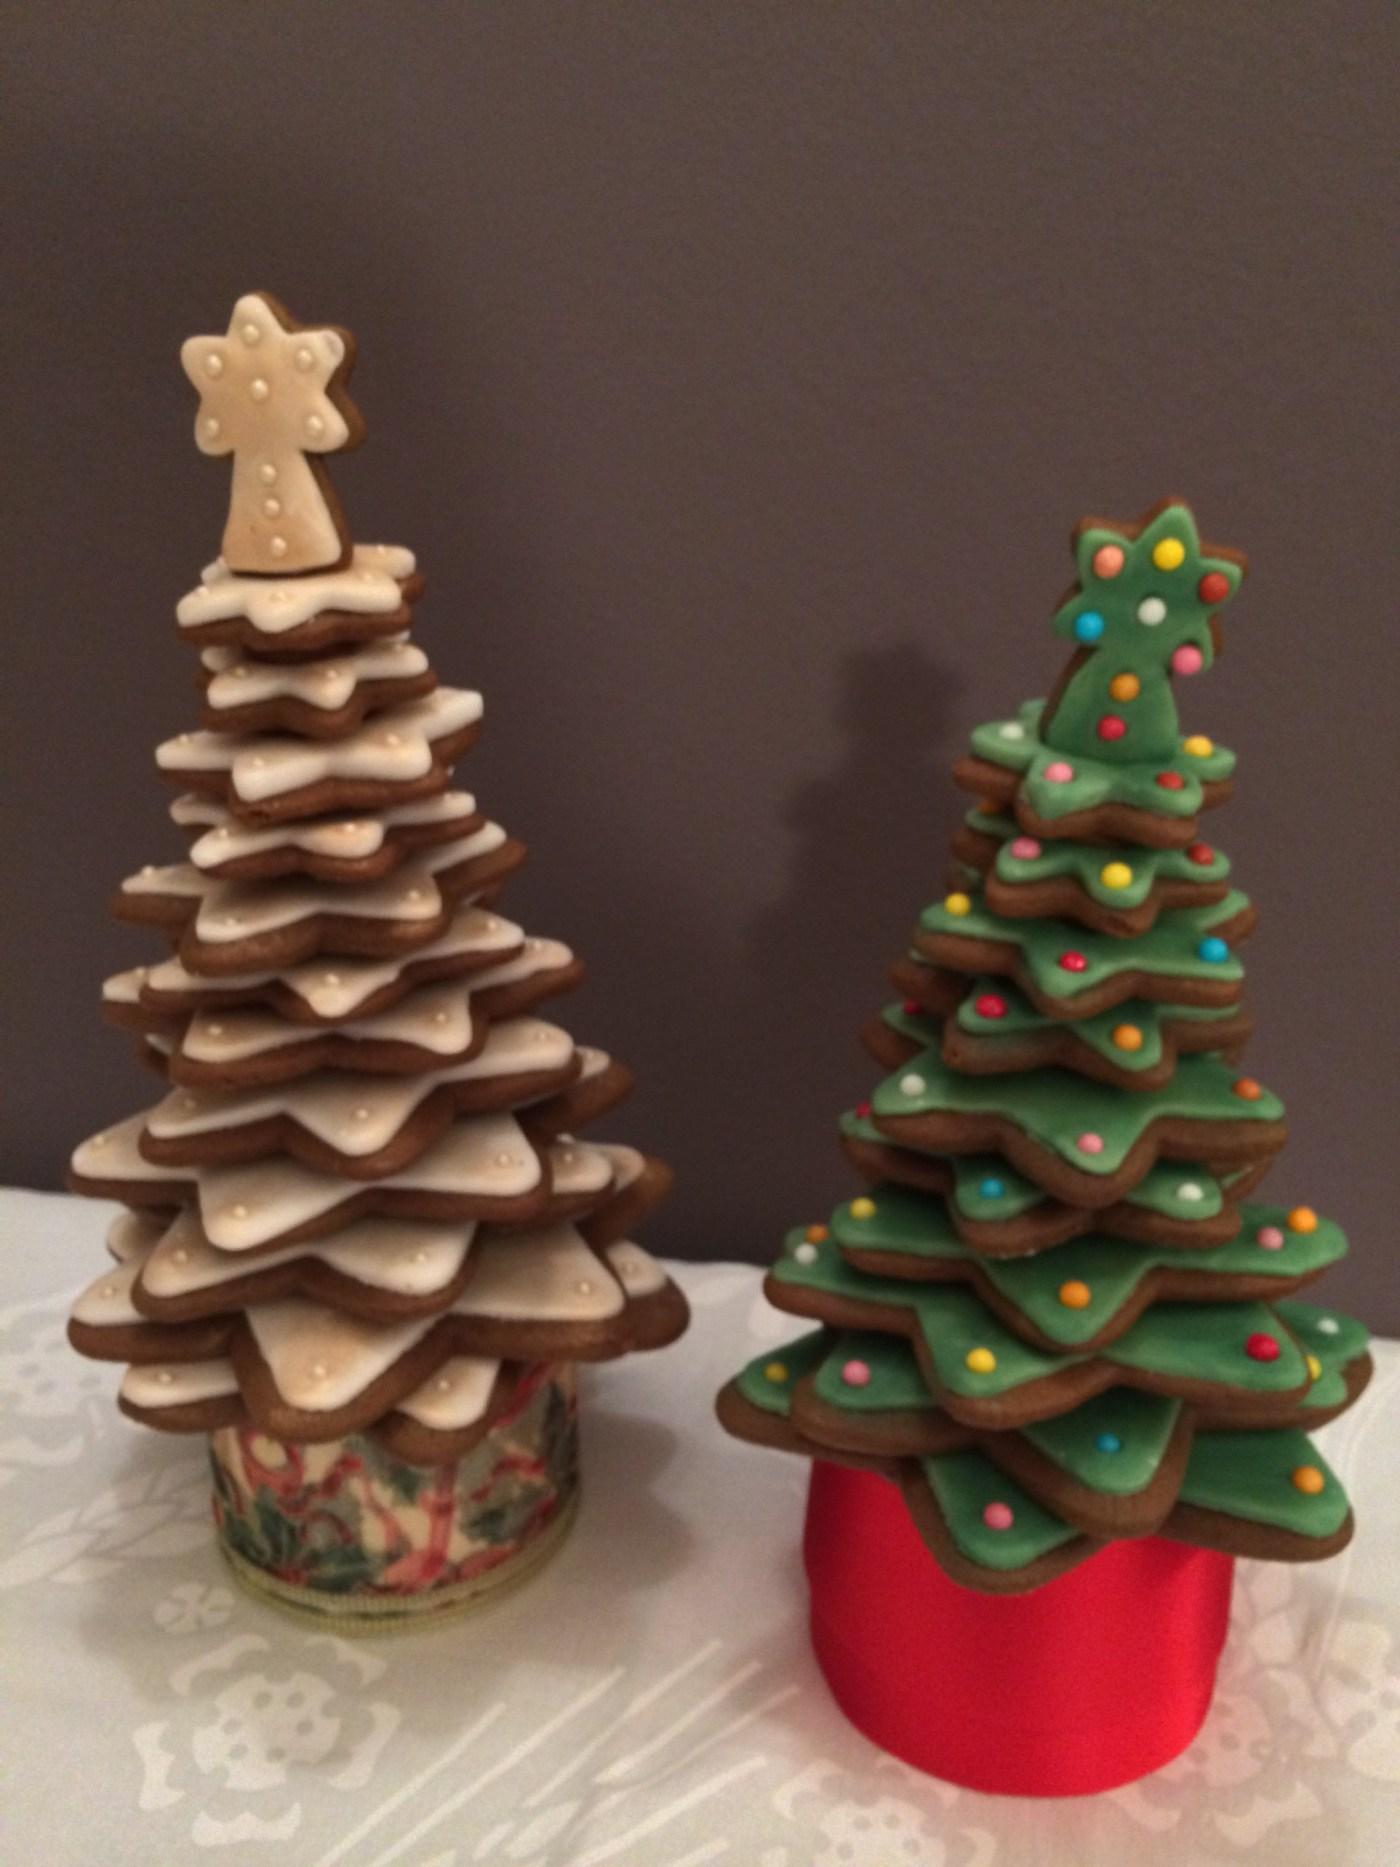 Biscotti Decorati Per Albero Di Natale.Biscotti Decorati Alberi Di Natale Lingicake